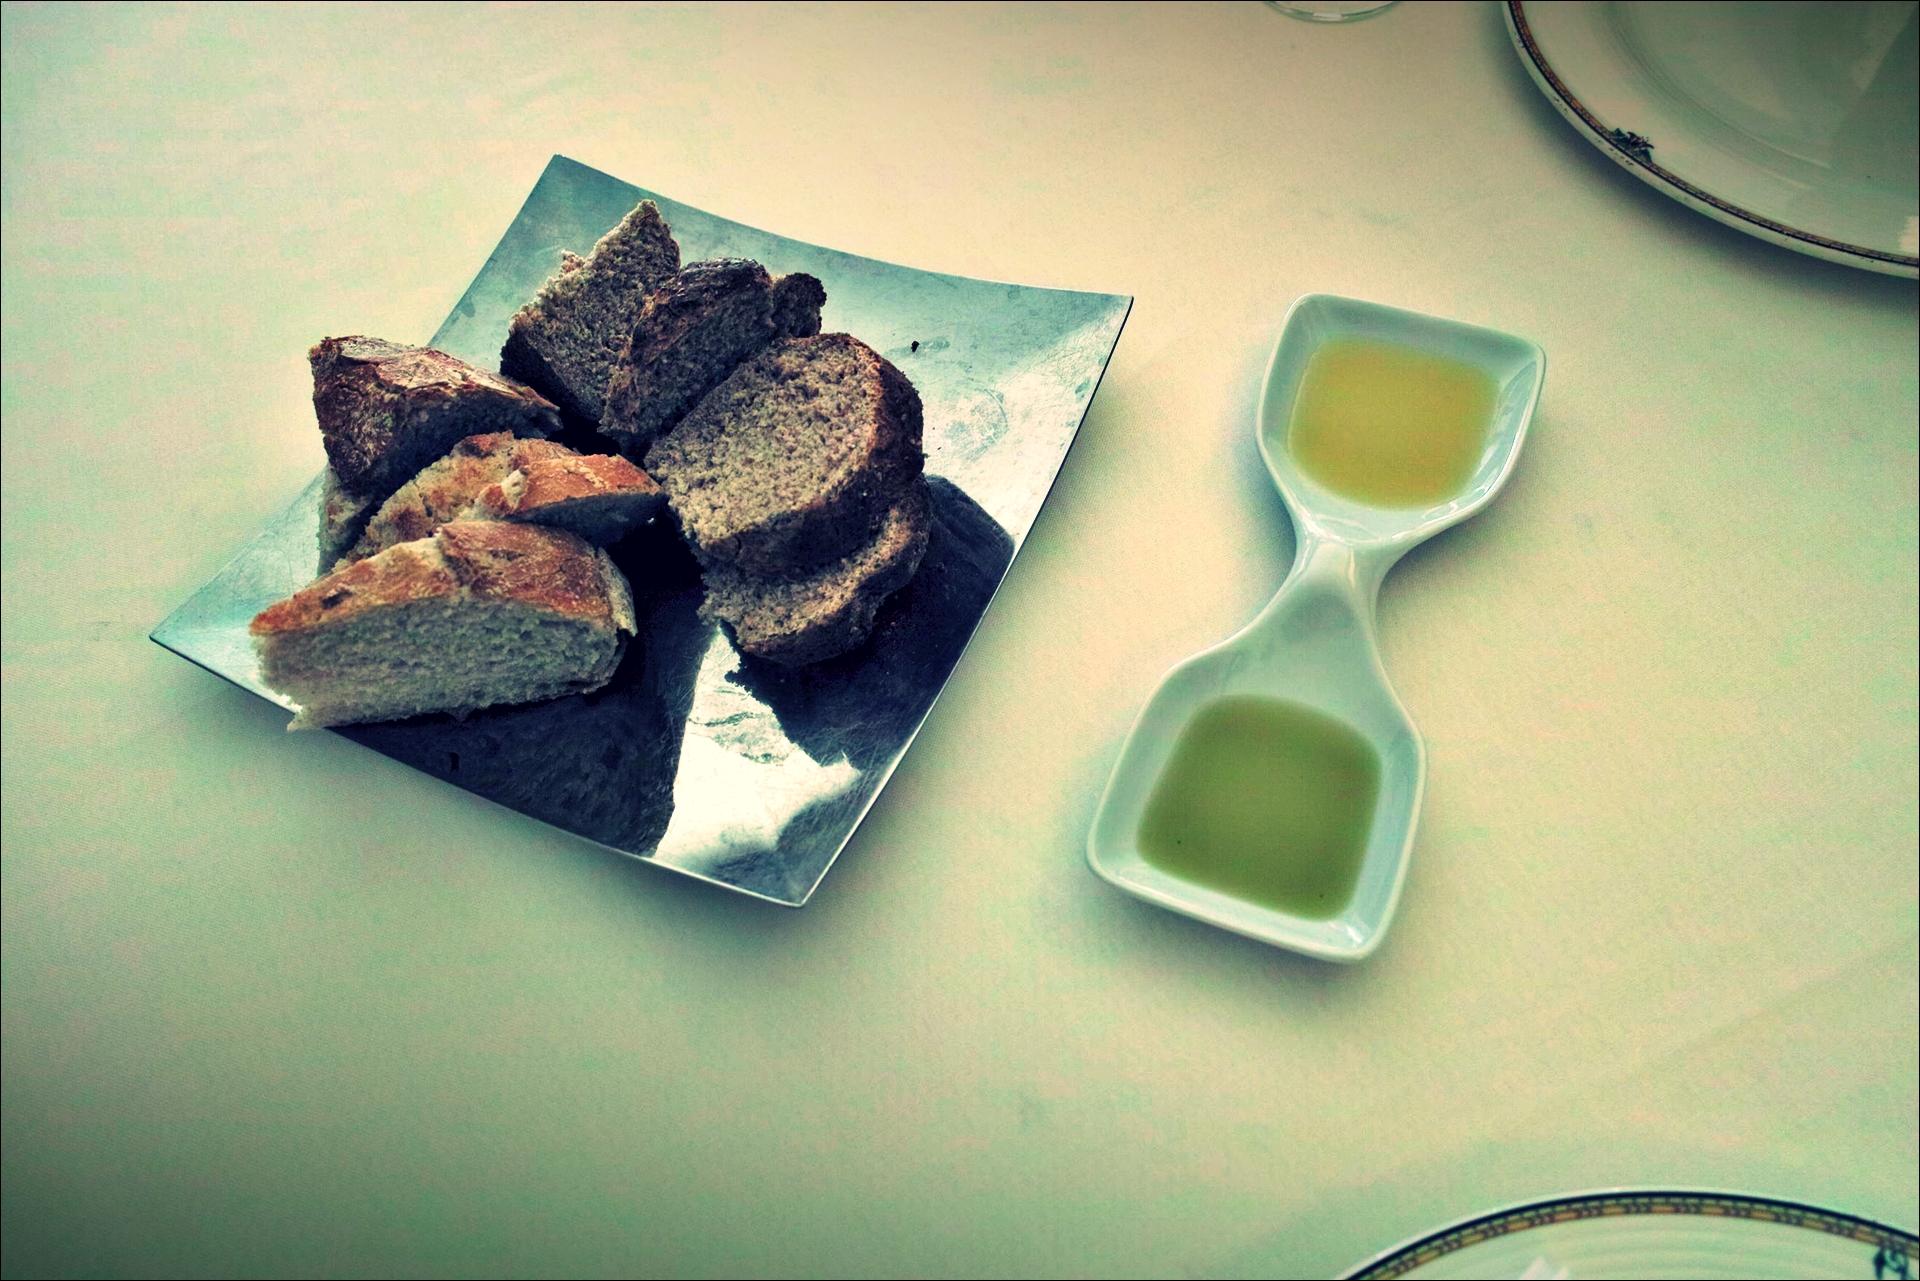 빵-'엘 세르발, 산탄데르 (El Serbal, Santander)'